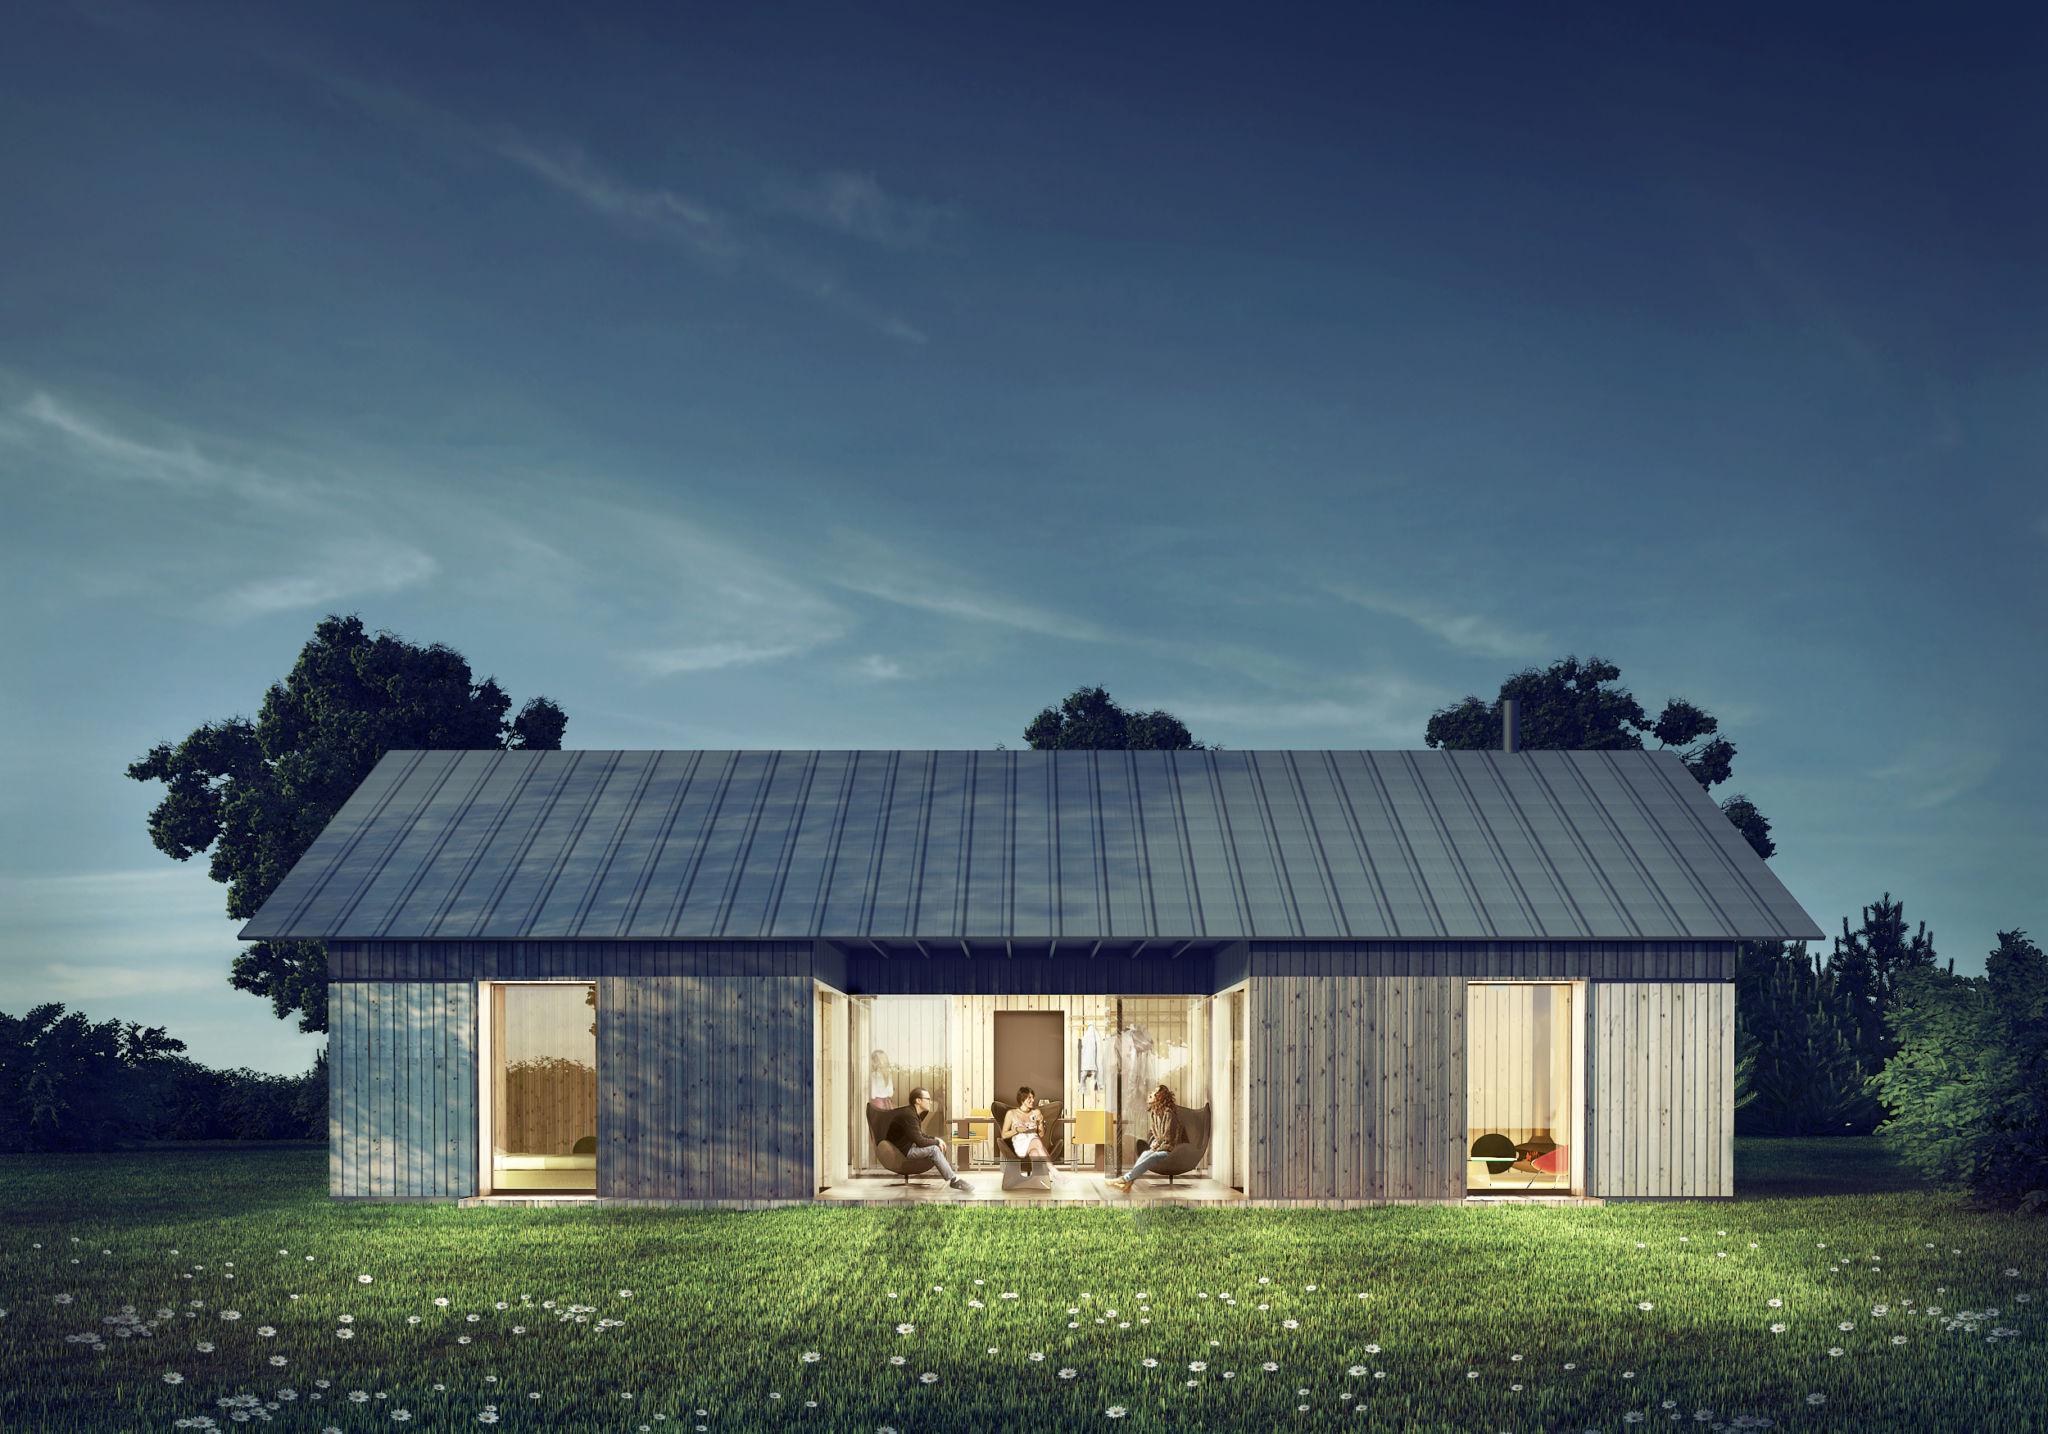 Domki w Całowaniu inspirowane duńskimi hytte